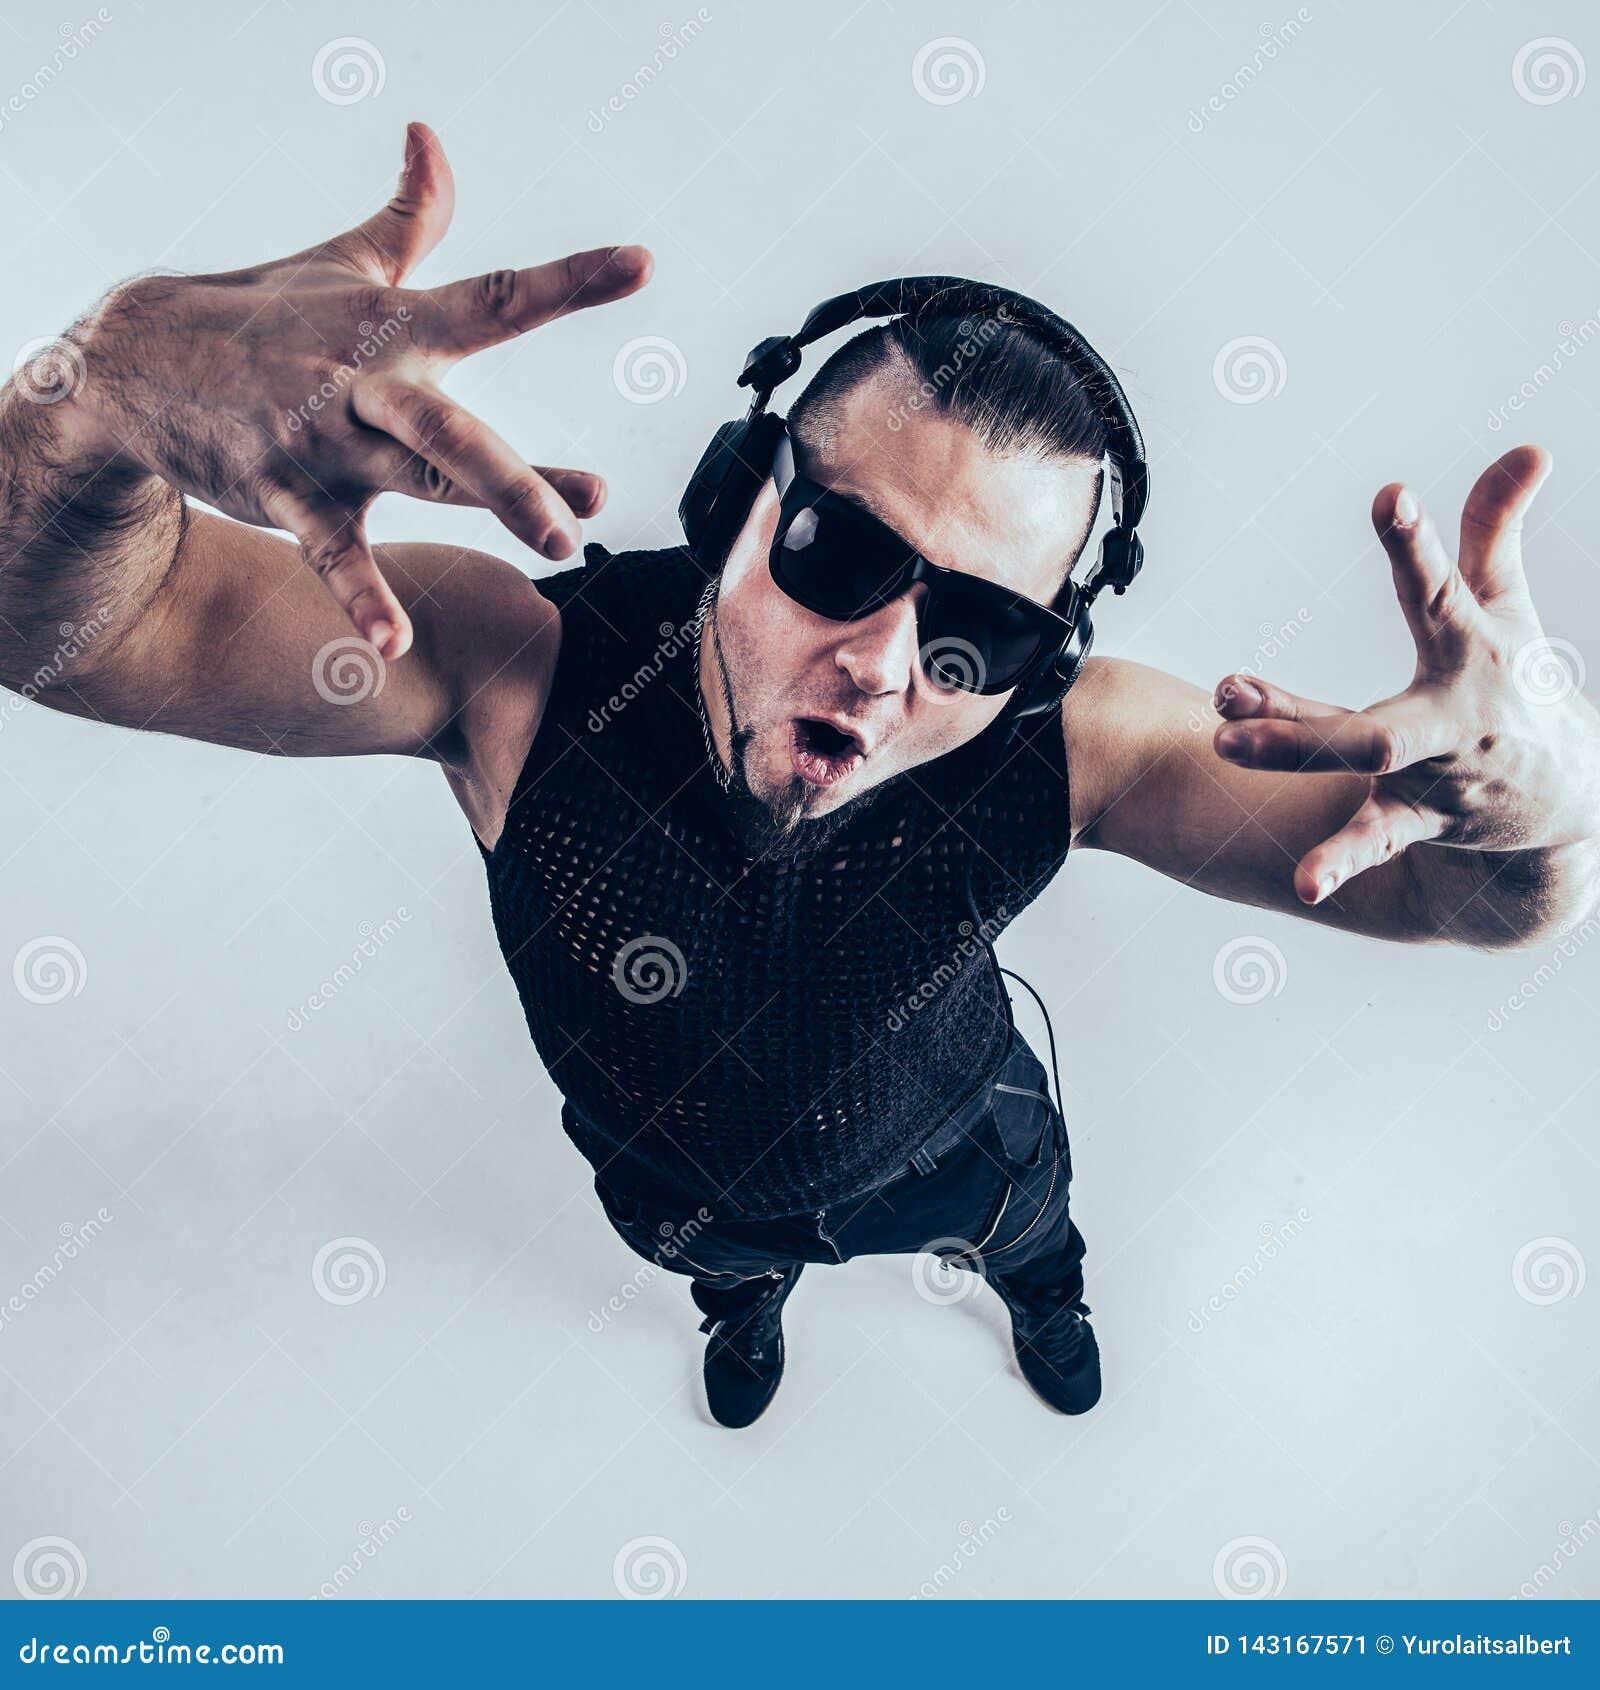 Mening vanaf de bovenkant - DJ - rapper met hoofdtelefoons op een lichte achtergrond